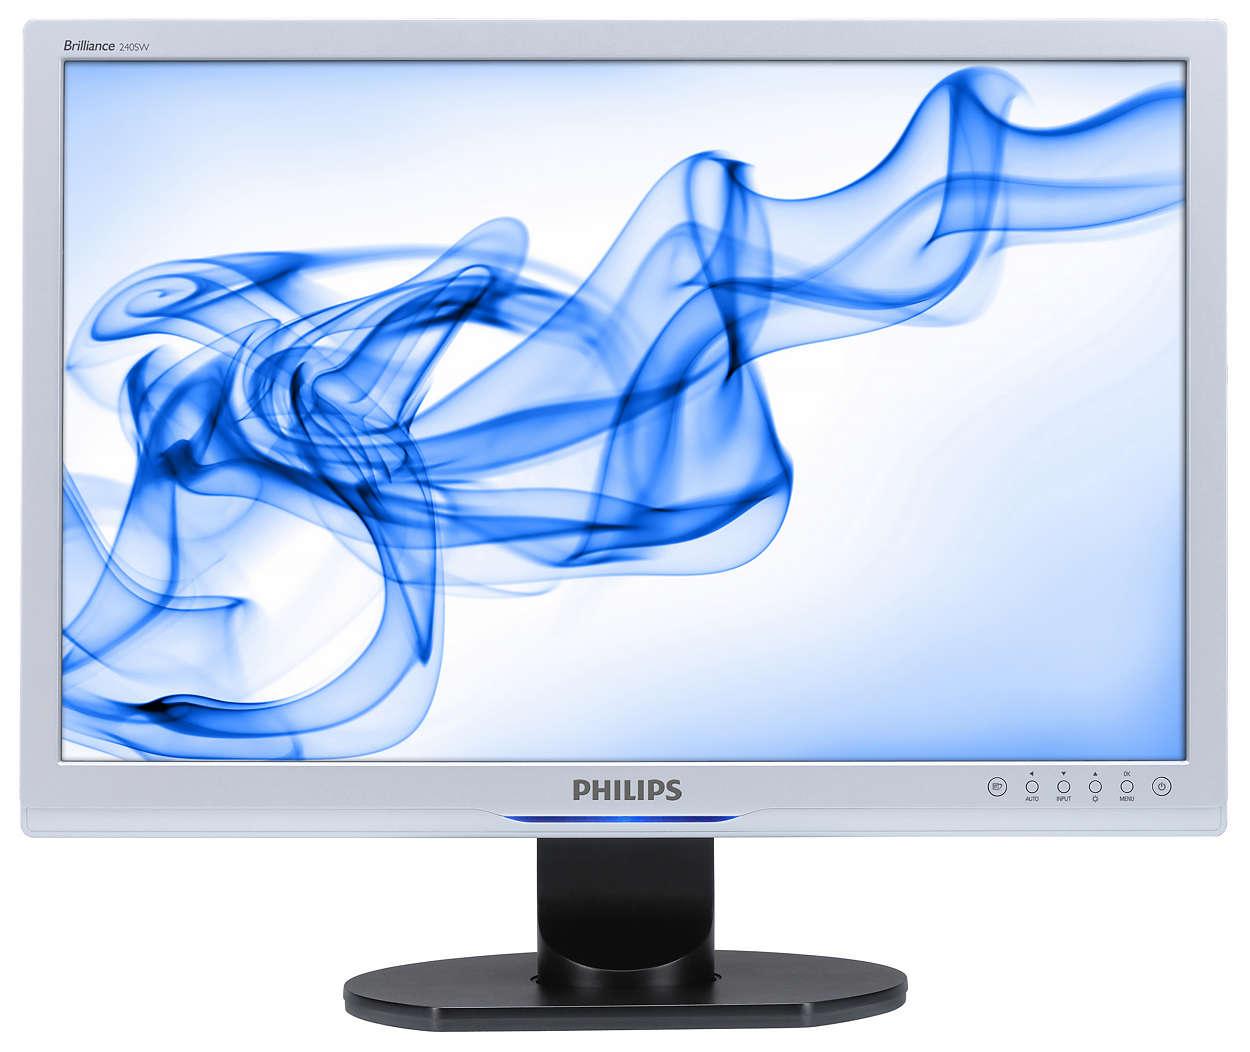 Nagyméretű széles képernyős monitor a nagyobb hatékonyságért